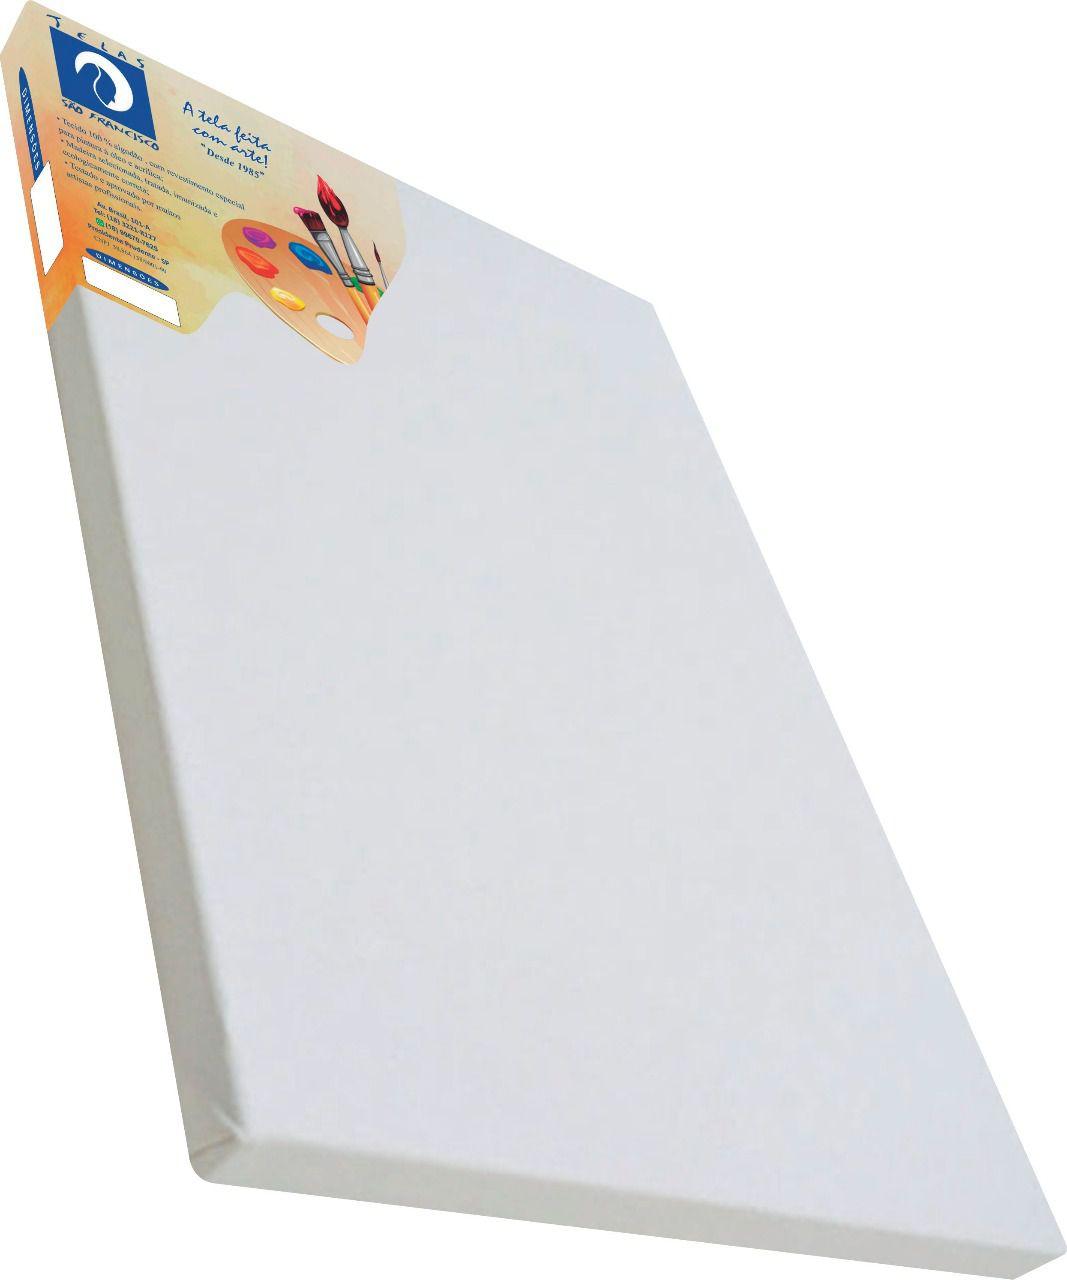 Tela comum para pintura 20x40cm - São Francisco